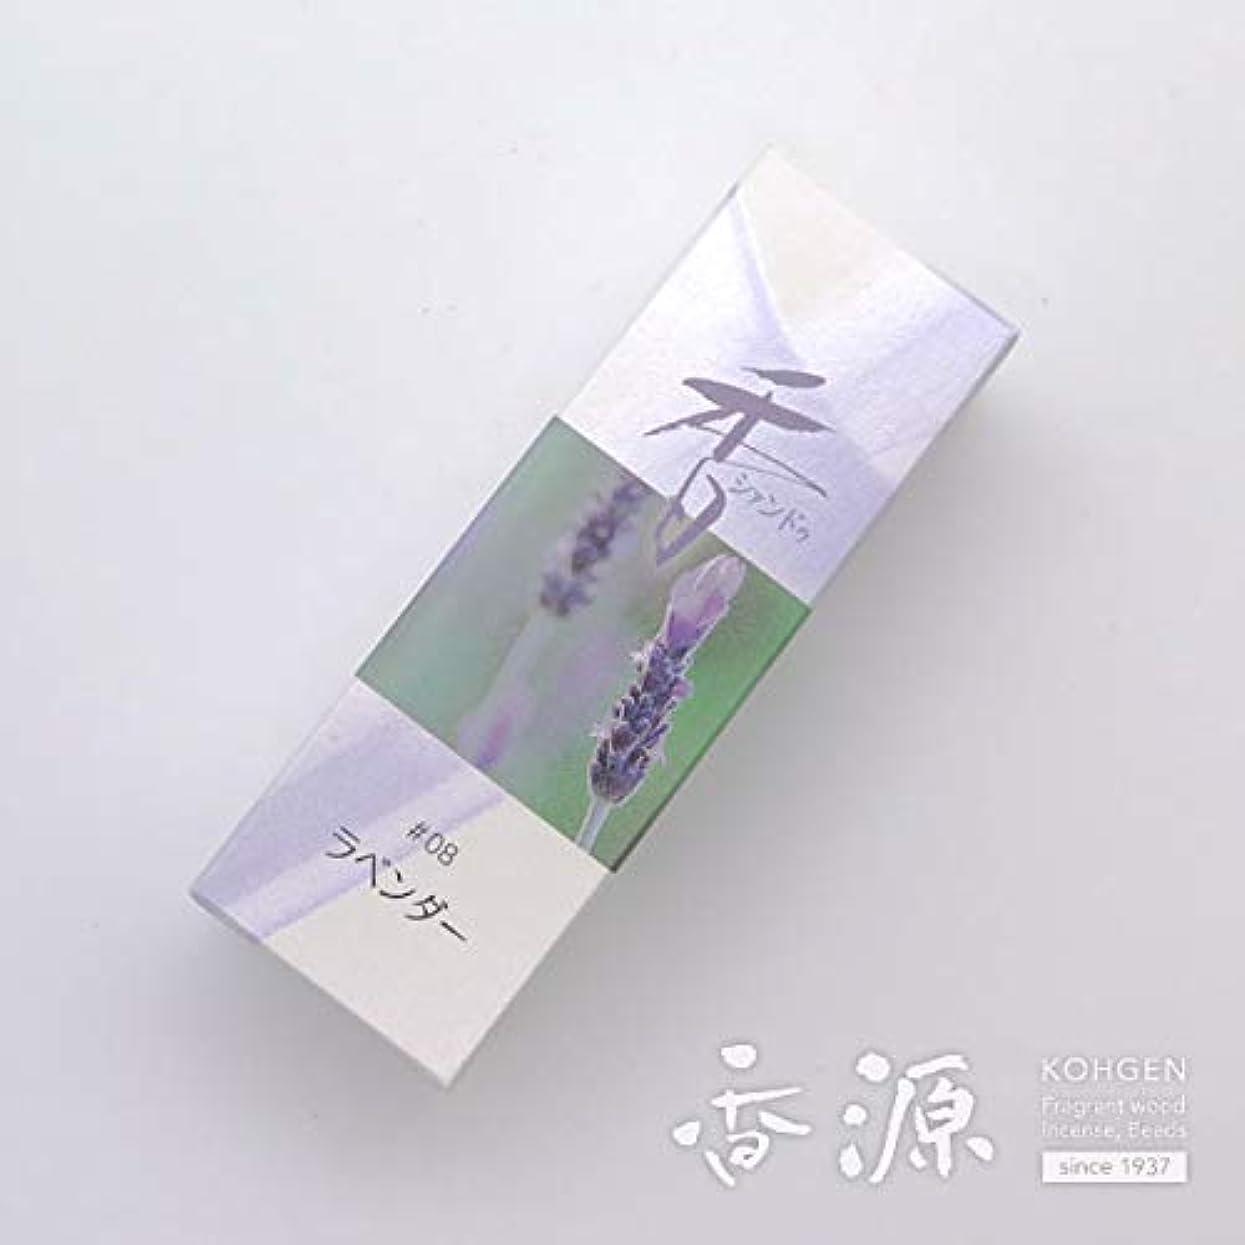 意志に反する昇進シットコム松栄堂のお香 Xiang Do ラベンダー ST20本入 簡易香立付 #214208